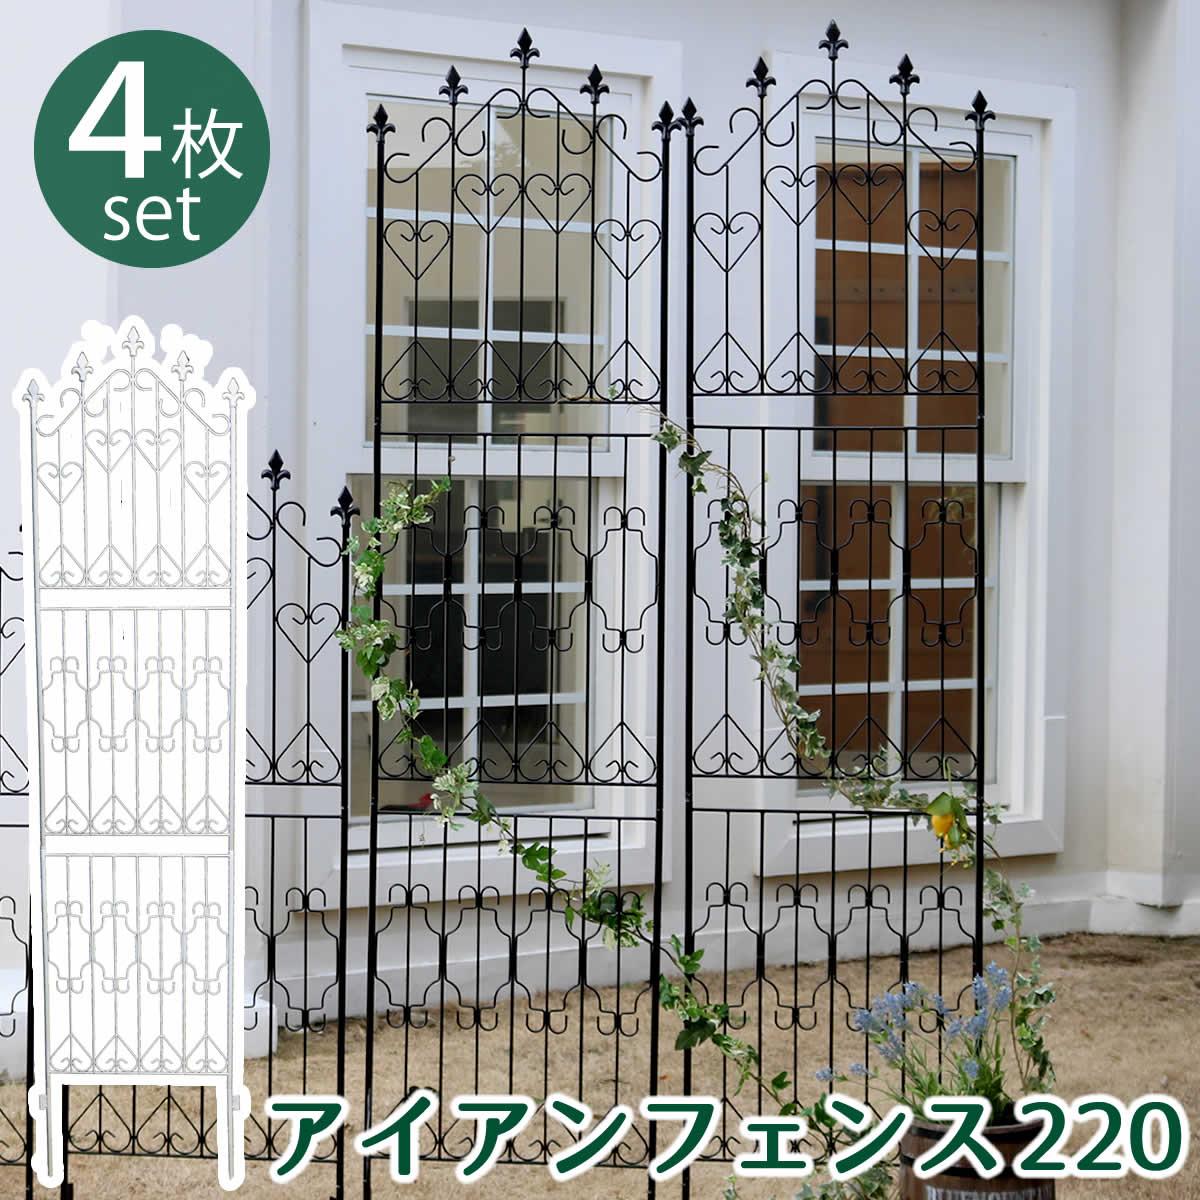 《SMST》アイアンフェンス220 ハイタイプ(4枚組) ブラック ガーデンフェンス ガーデニング 枠 柵 仕切り 目隠し 境目 クラシカル アンティーク ベランダ 薔薇 バラ 園芸 ラティス (旧dnf220-4p) DF010H-4P